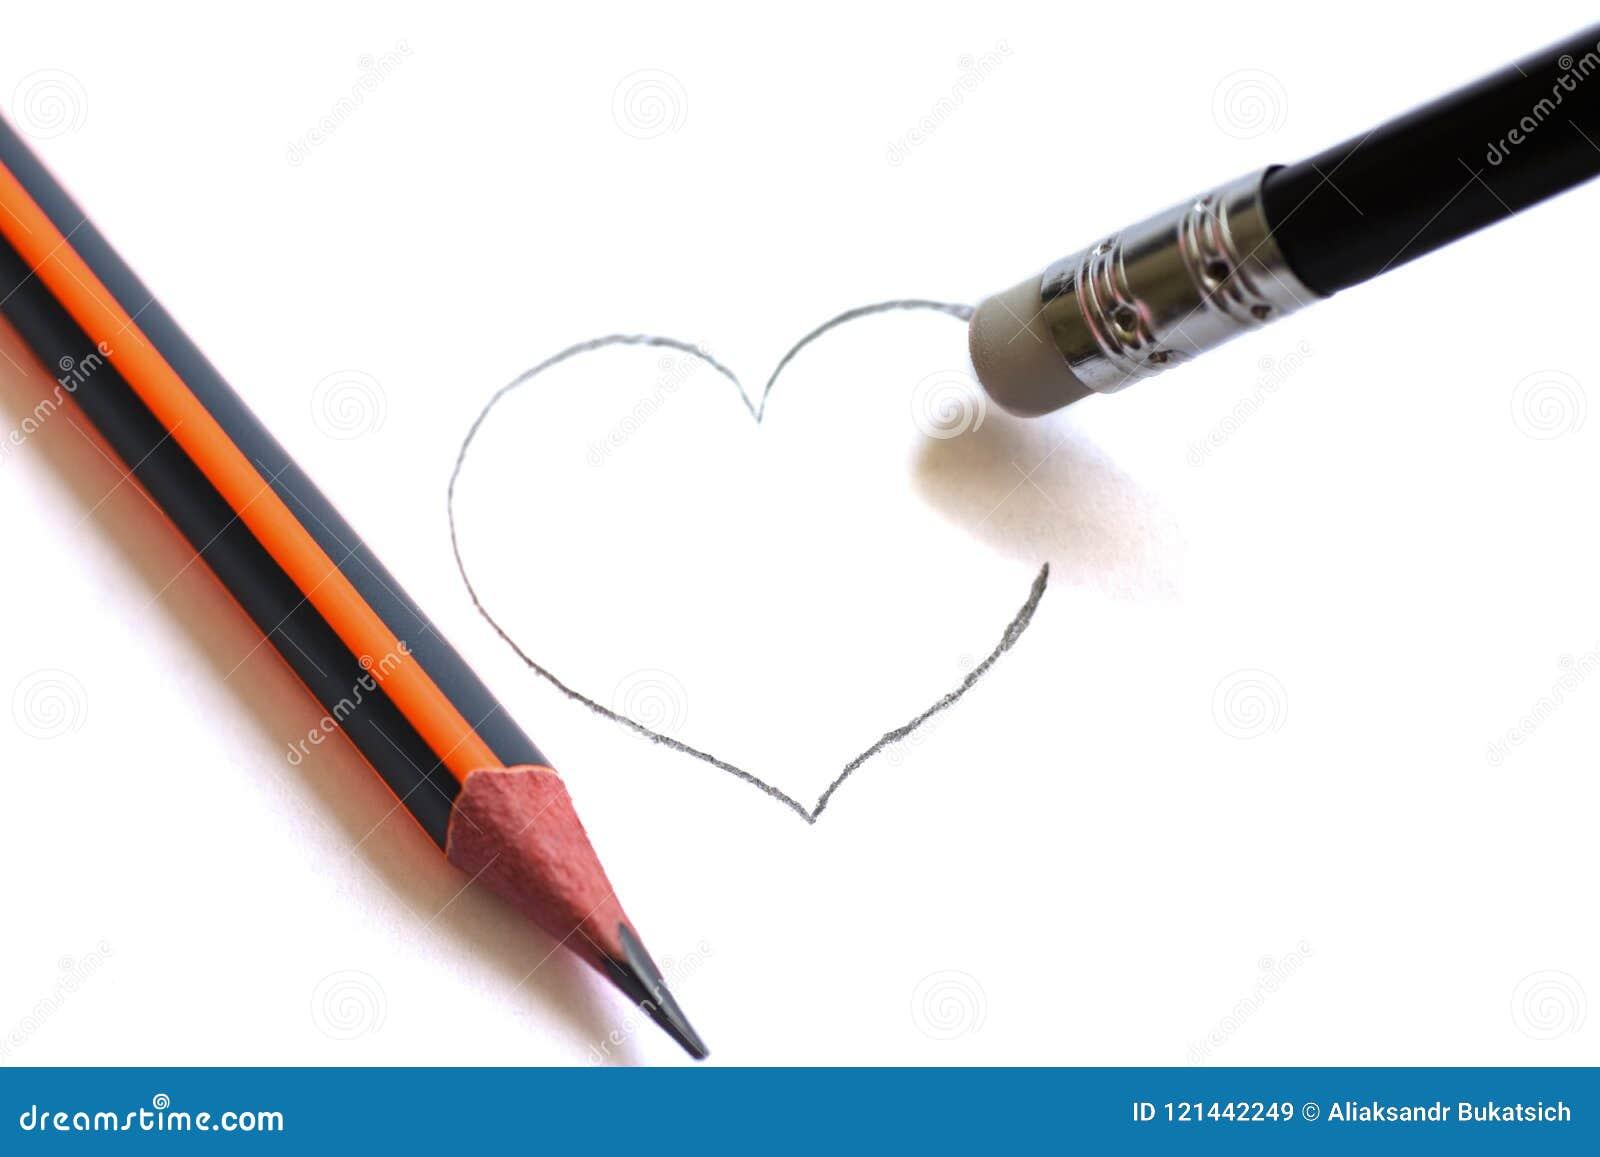 Het wassen op een potlood wist het geschilderde hart De eenvoudige potloden symboliseren geruïneerde liefde